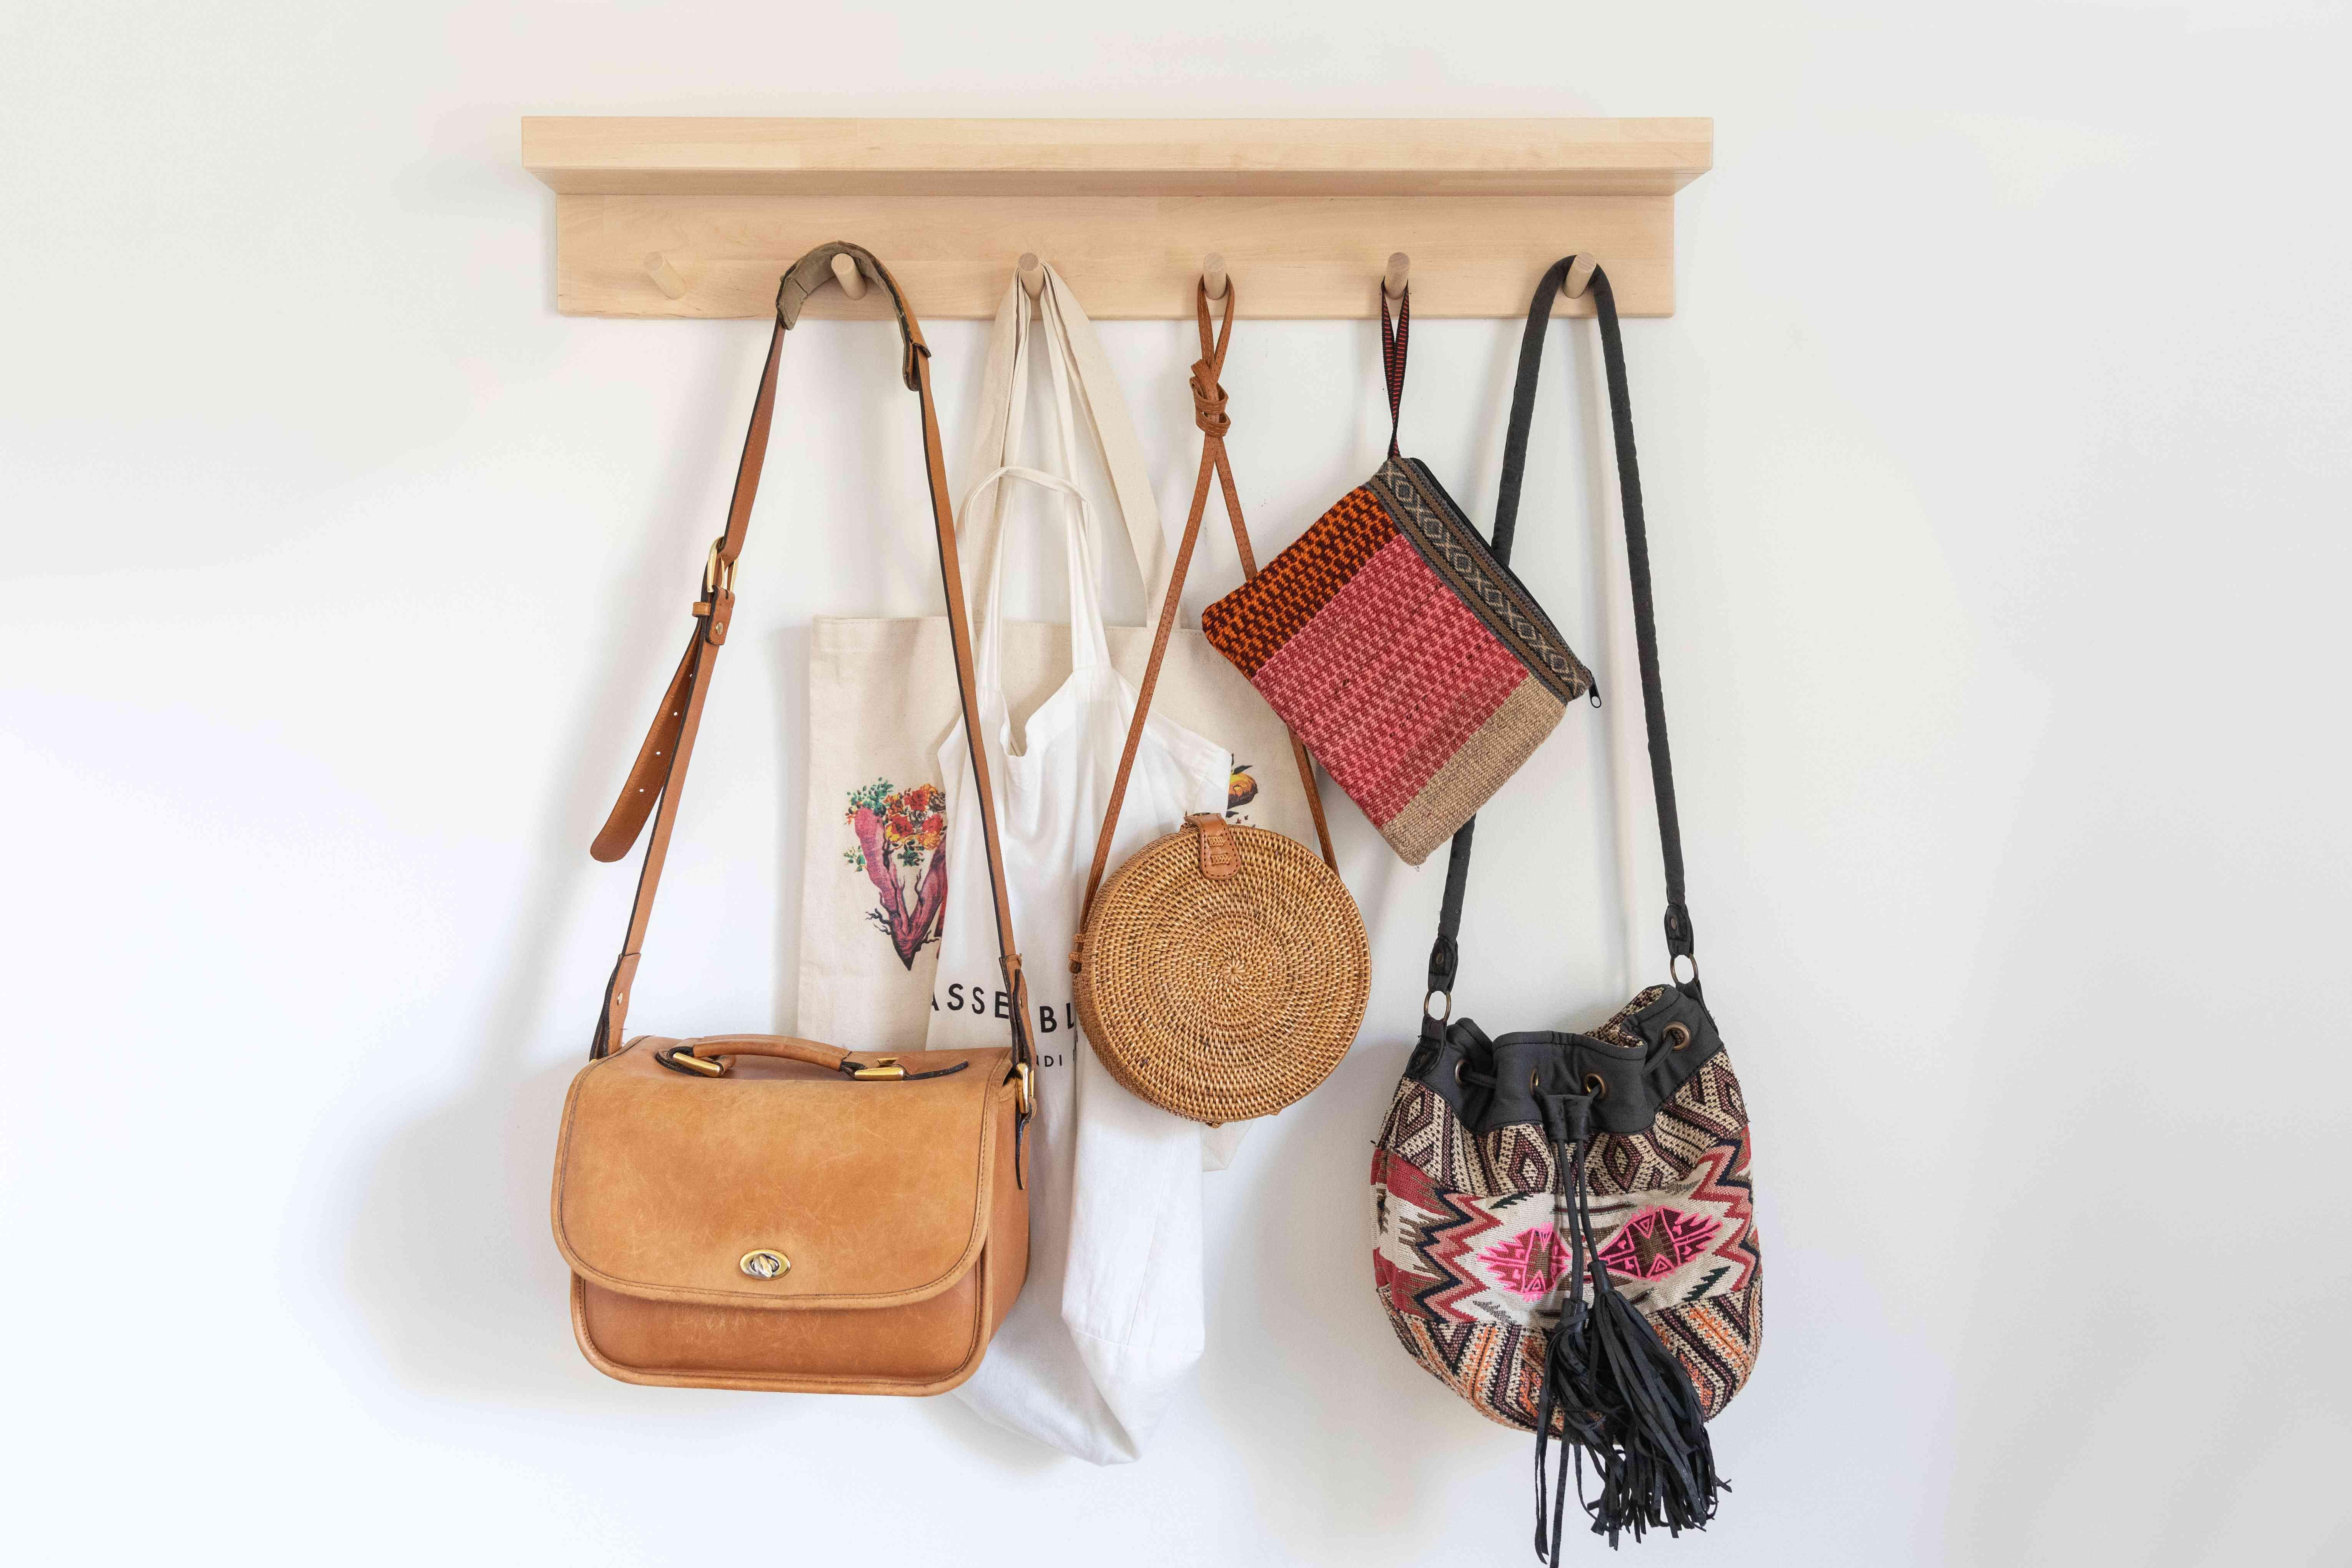 handbags on hooks